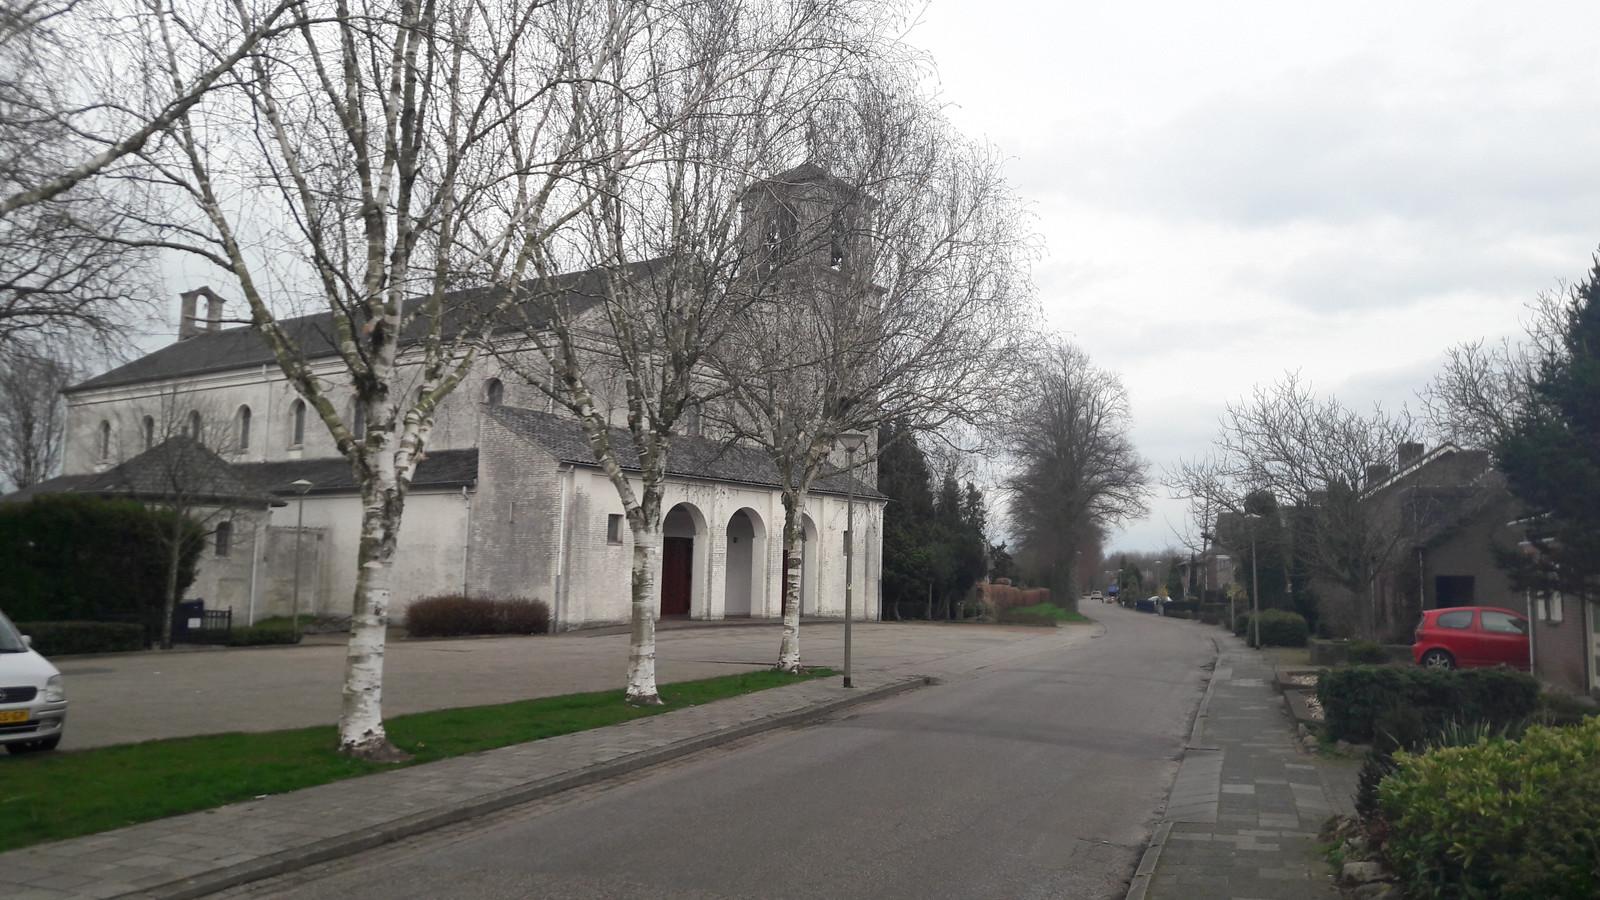 De kerk in De Horst.